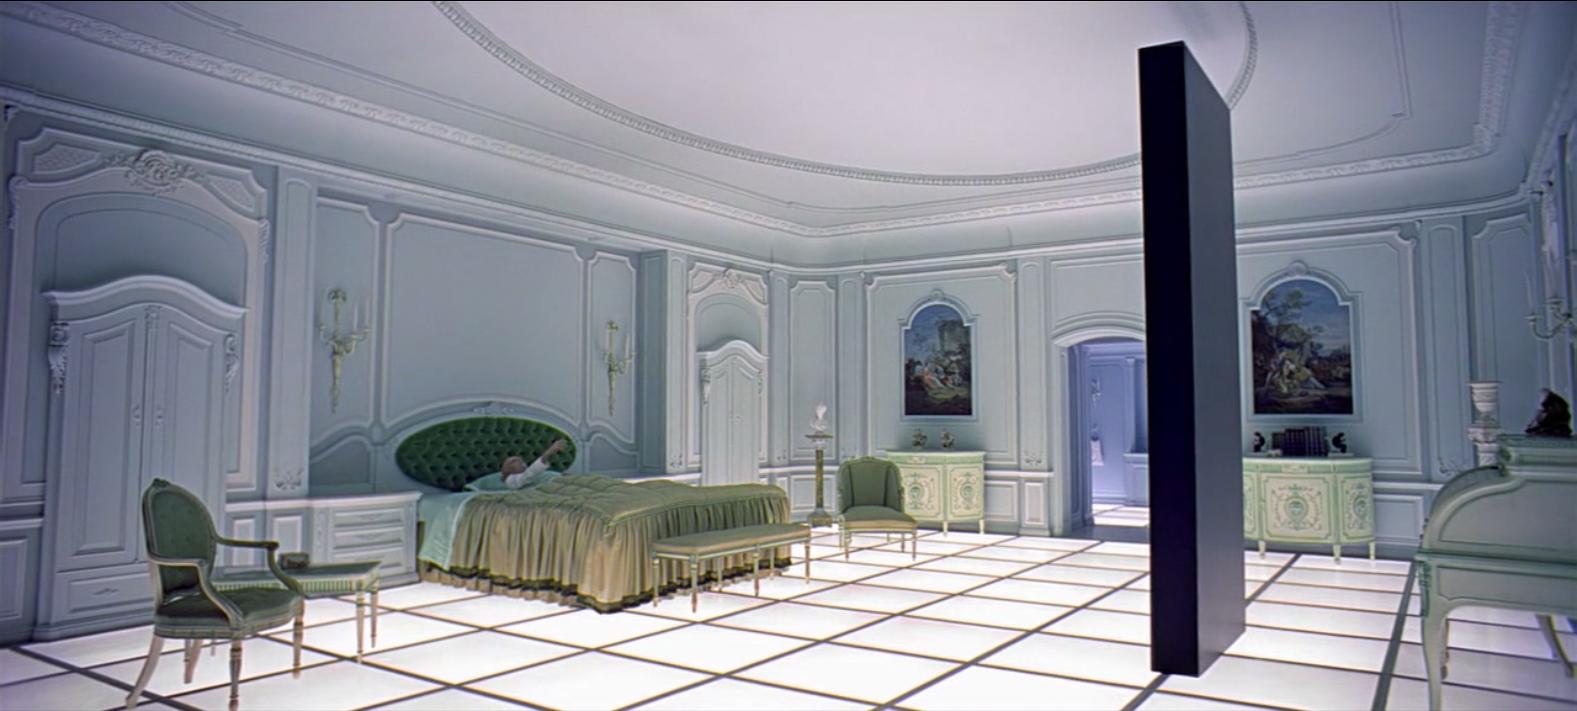 2001 L Odyssee De L Espace Stanley Kubrick 1968 Monolithe Mise En Scene Architecture